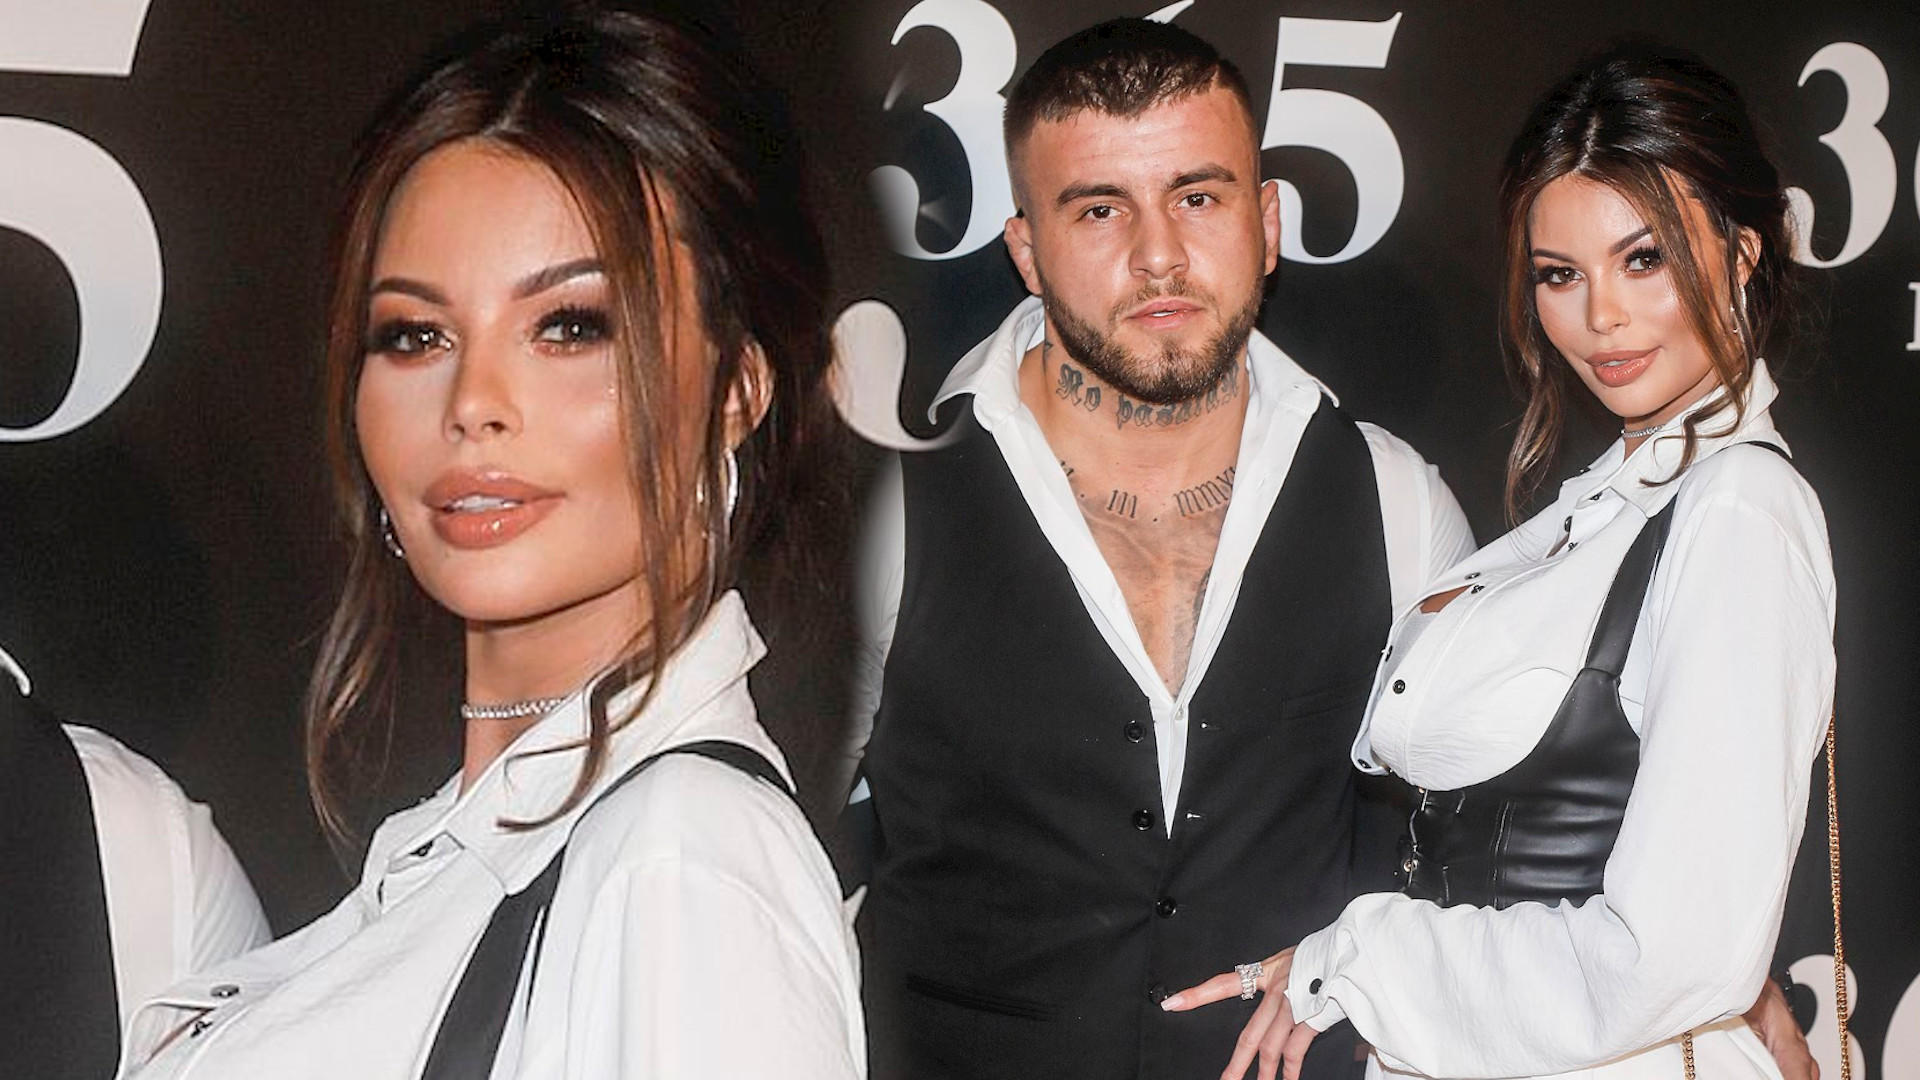 Justyna Gradek zarzuciła mężowi ZDRADĘ z kobietą, która oskarżyła Jarosława Bieniuka